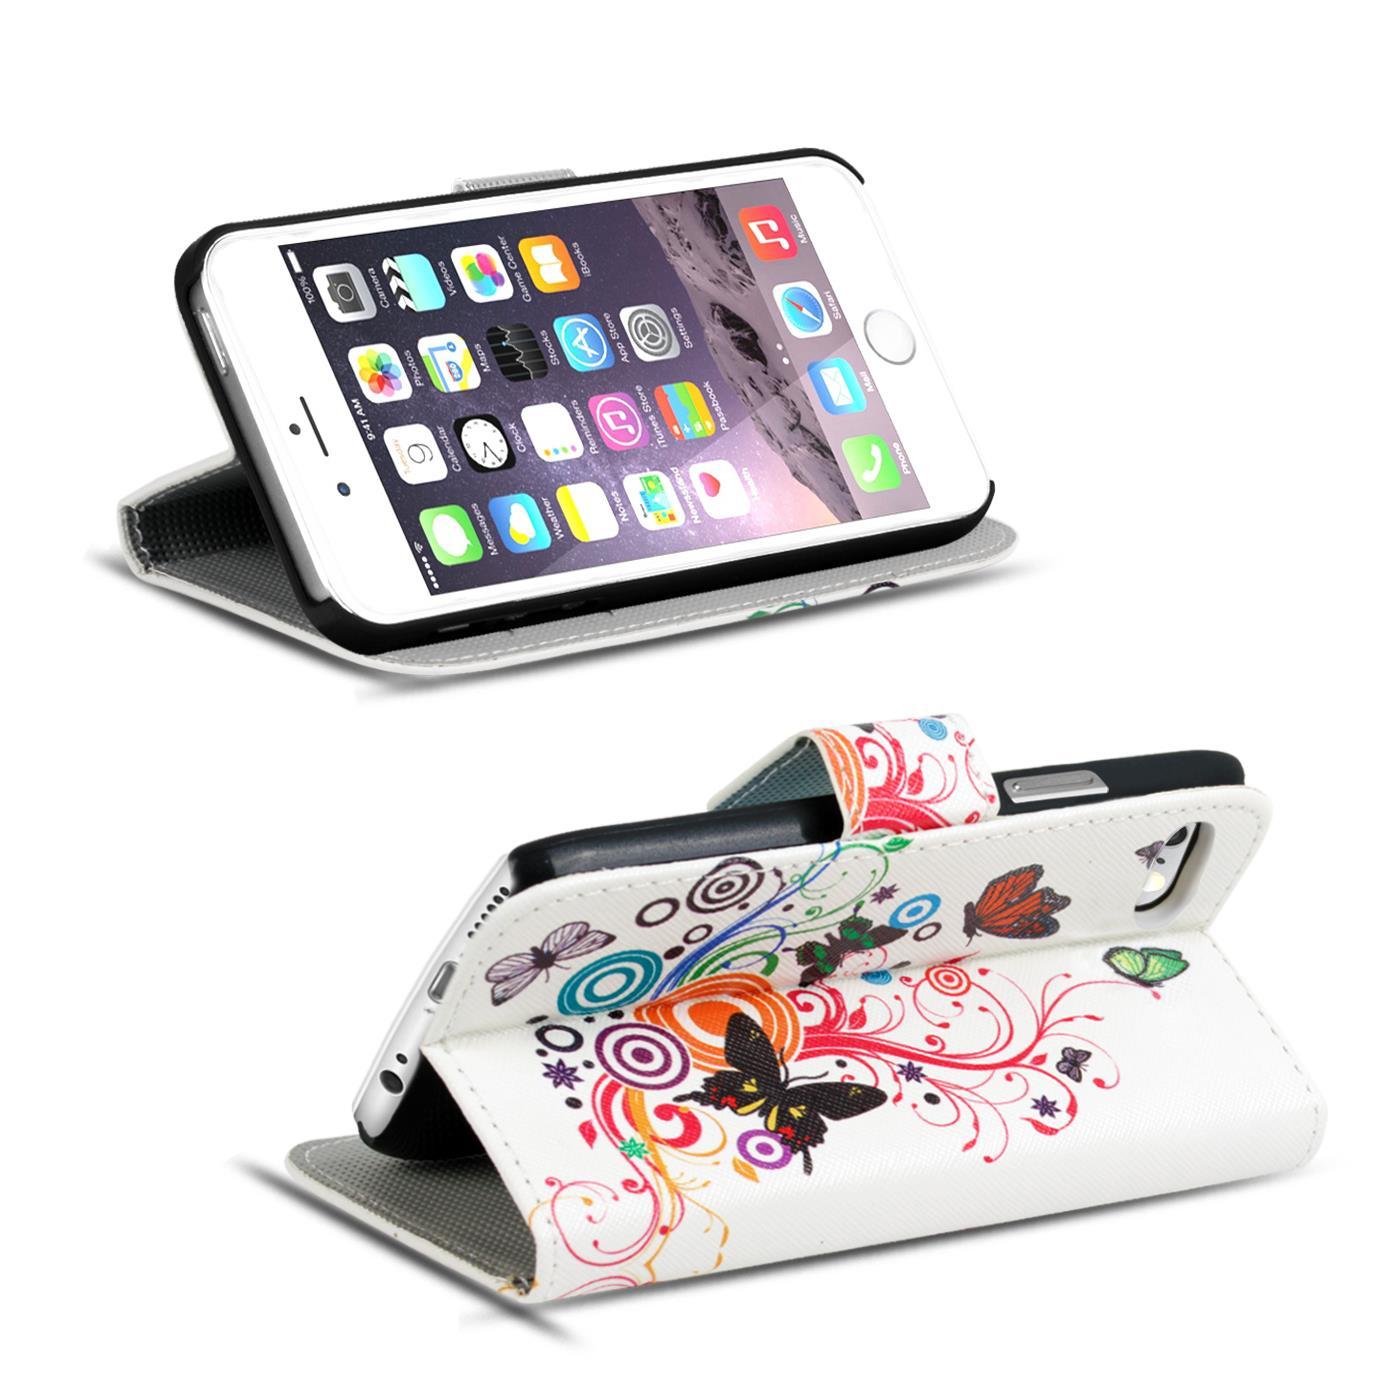 Handy-Huelle-Apple-iPhone-8-Plus-Flip-Cover-Case-Schutz-Tasche-Etui-Motiv-Wallet Indexbild 27